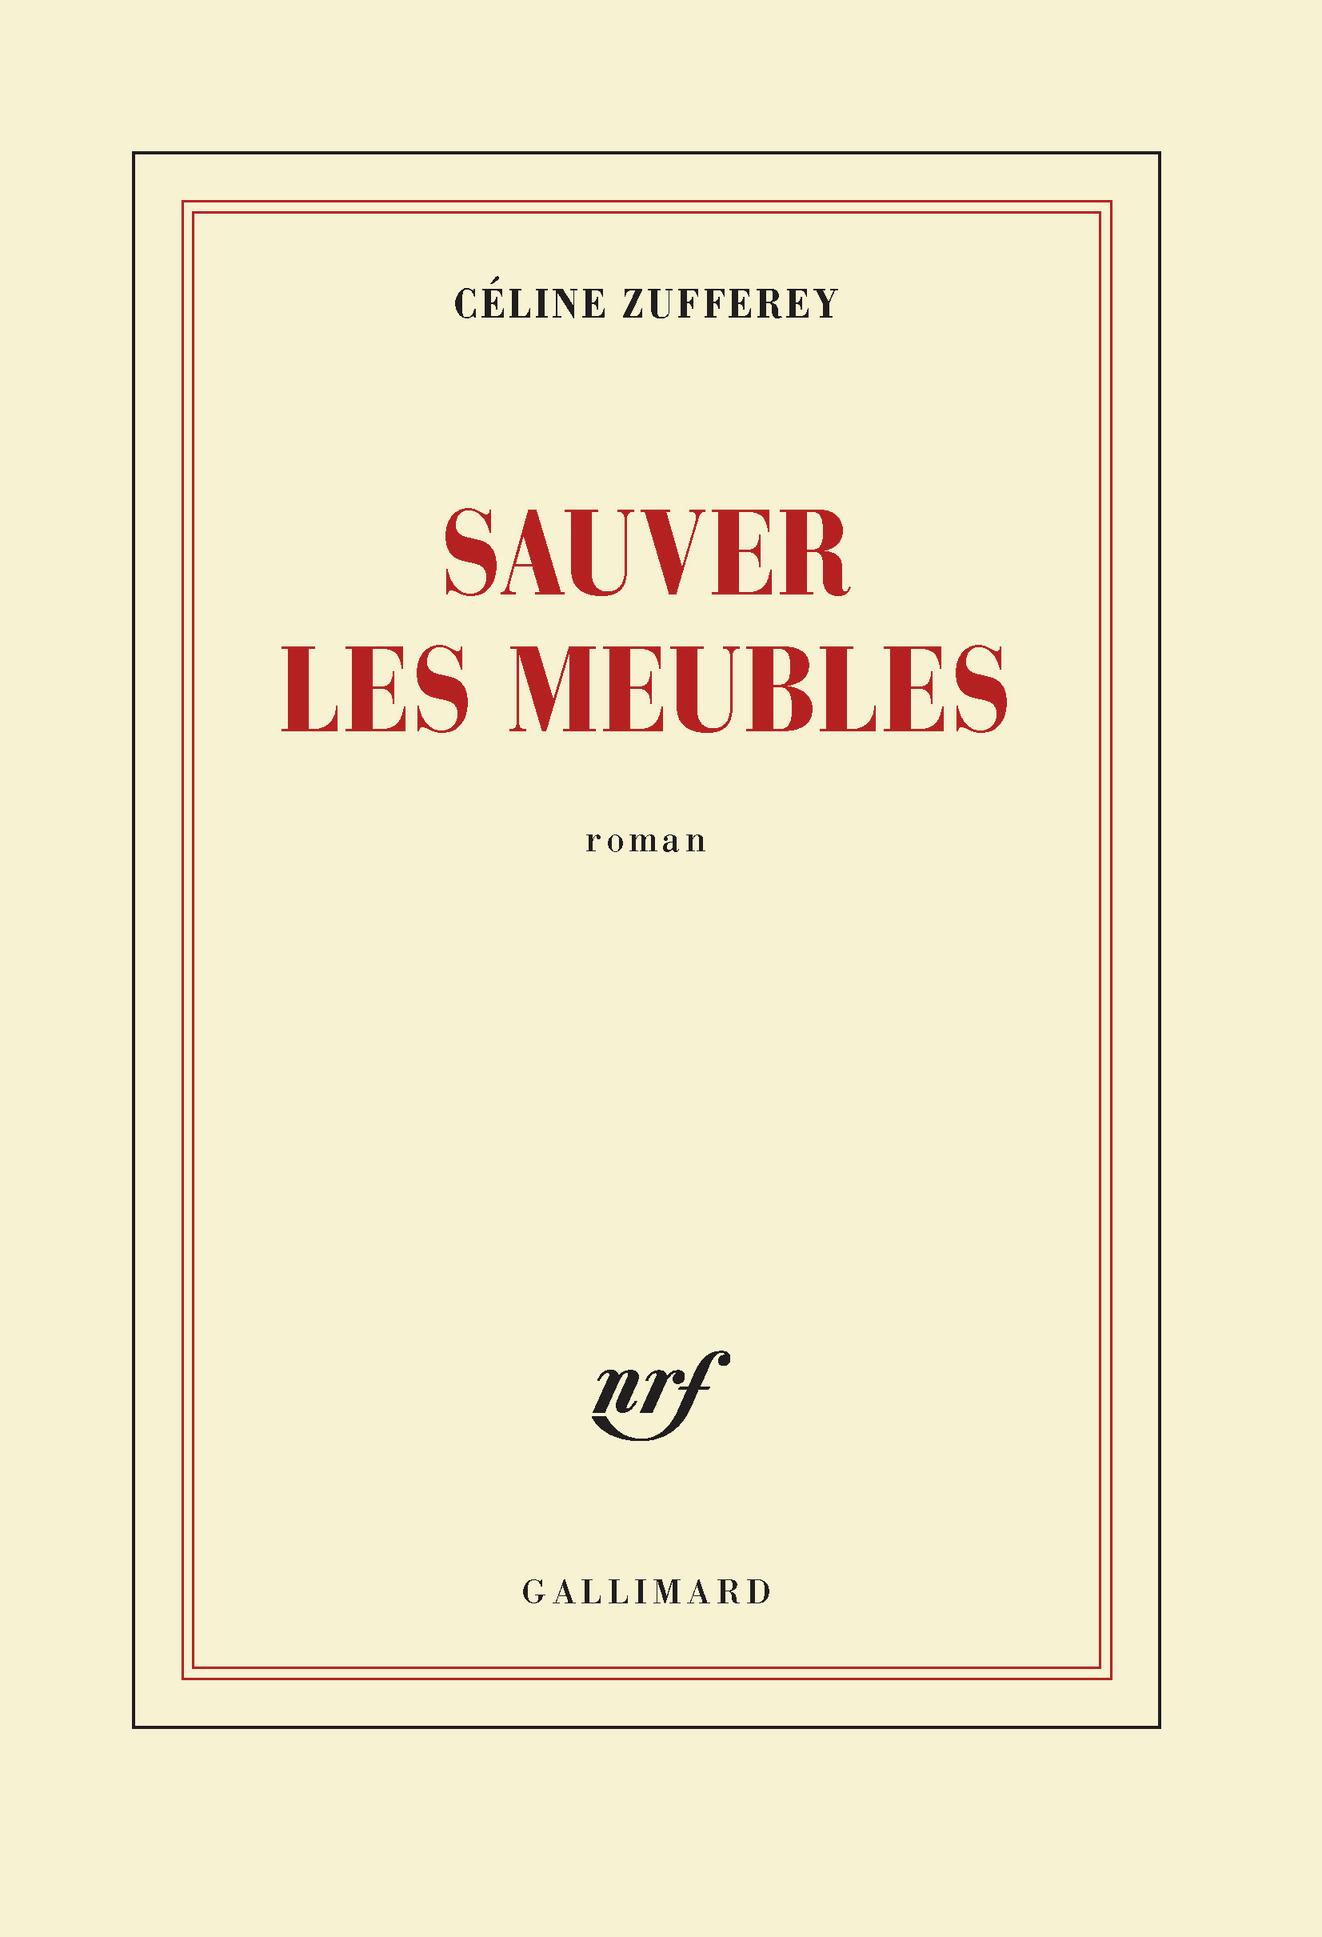 Sauver Les Meubles Blanche Gallimard Site Gallimard